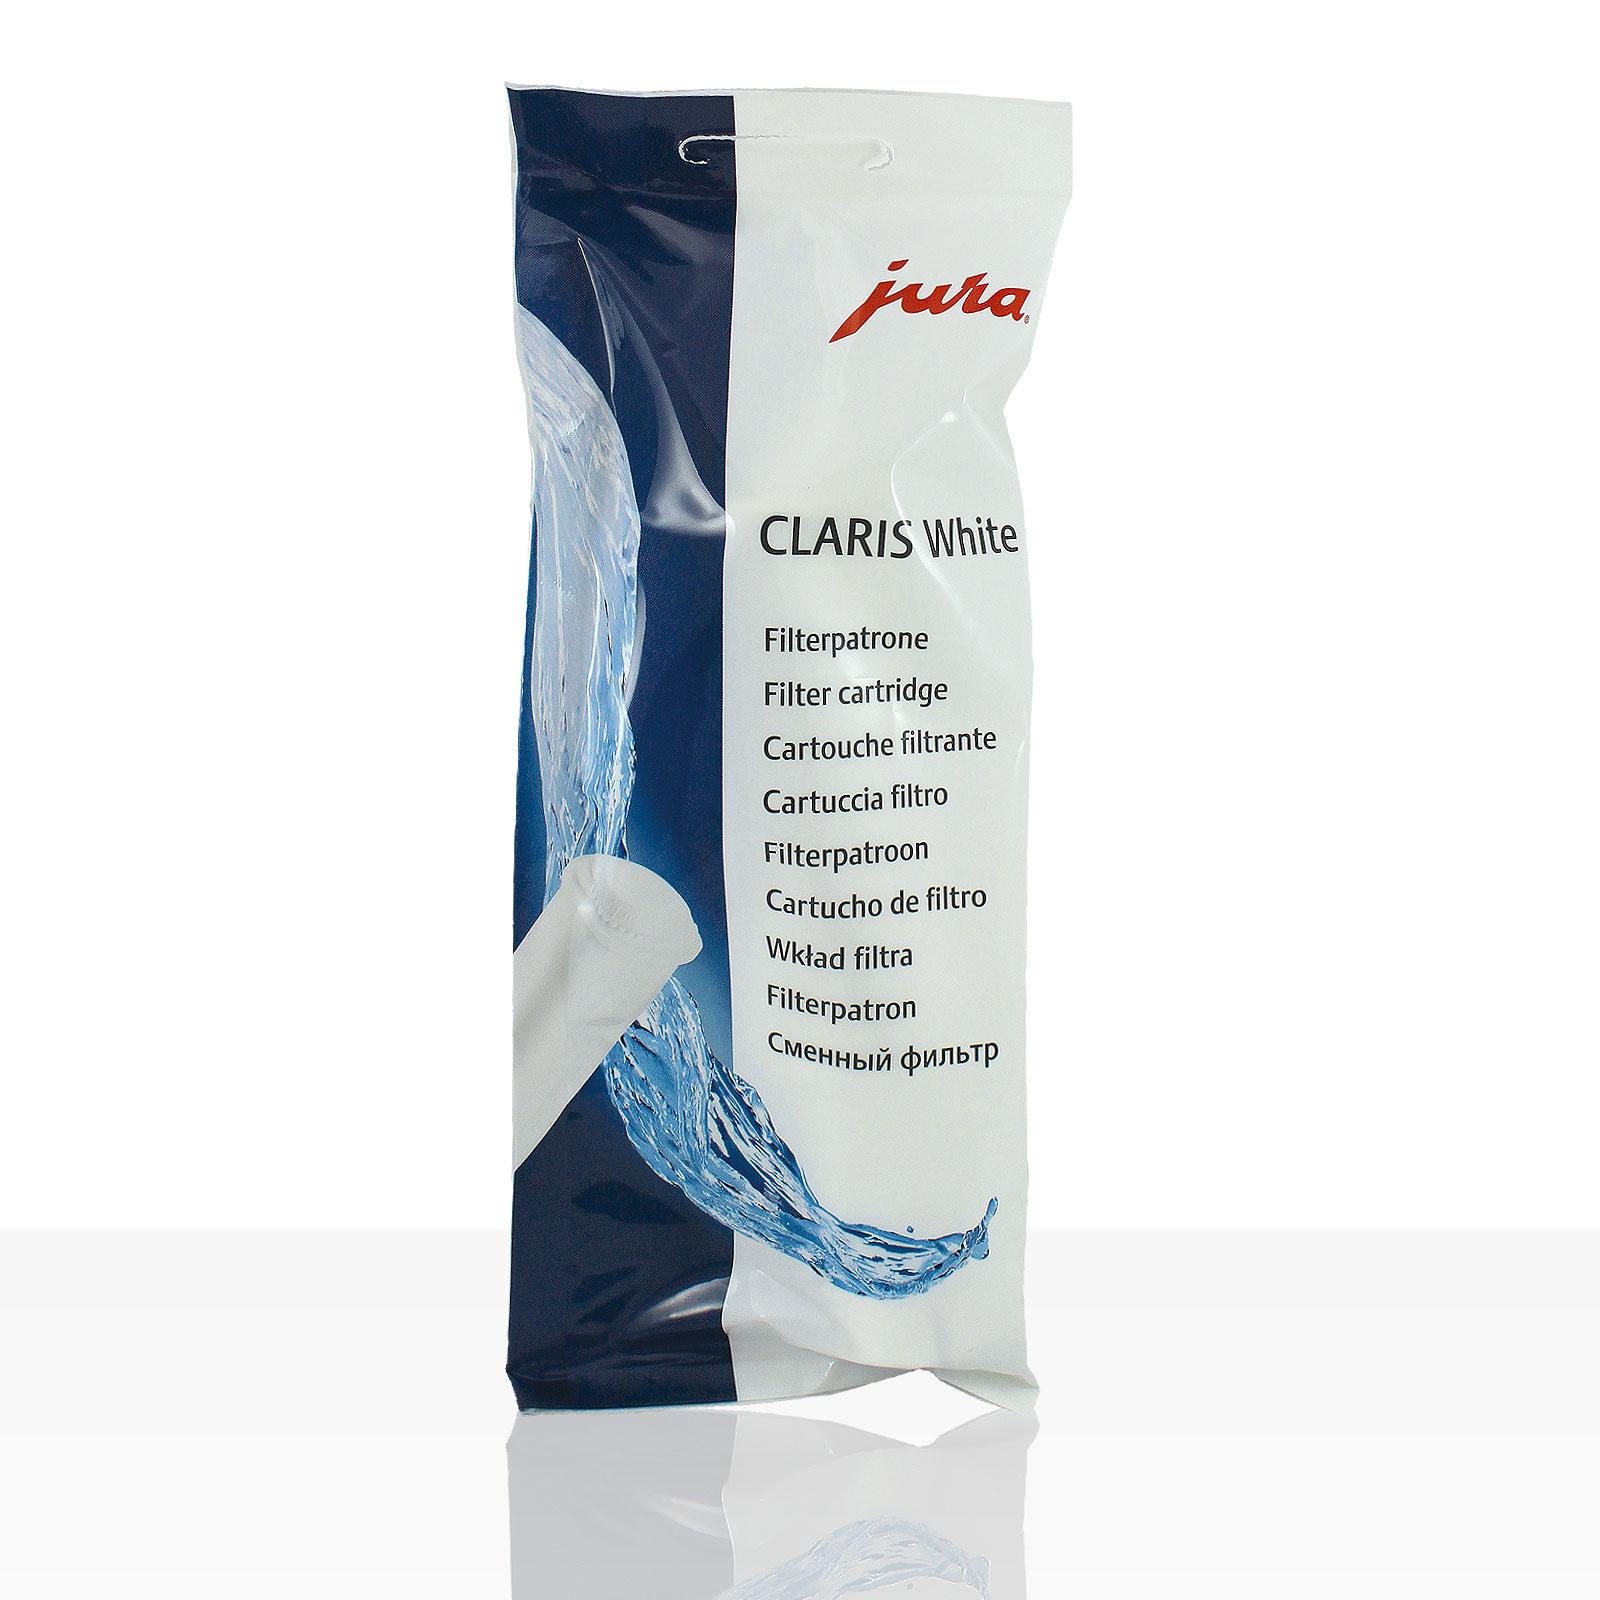 Sale - Jura Claris White Filterpatrone für Impressa, Wasser-Filter (60209) - B-Ware